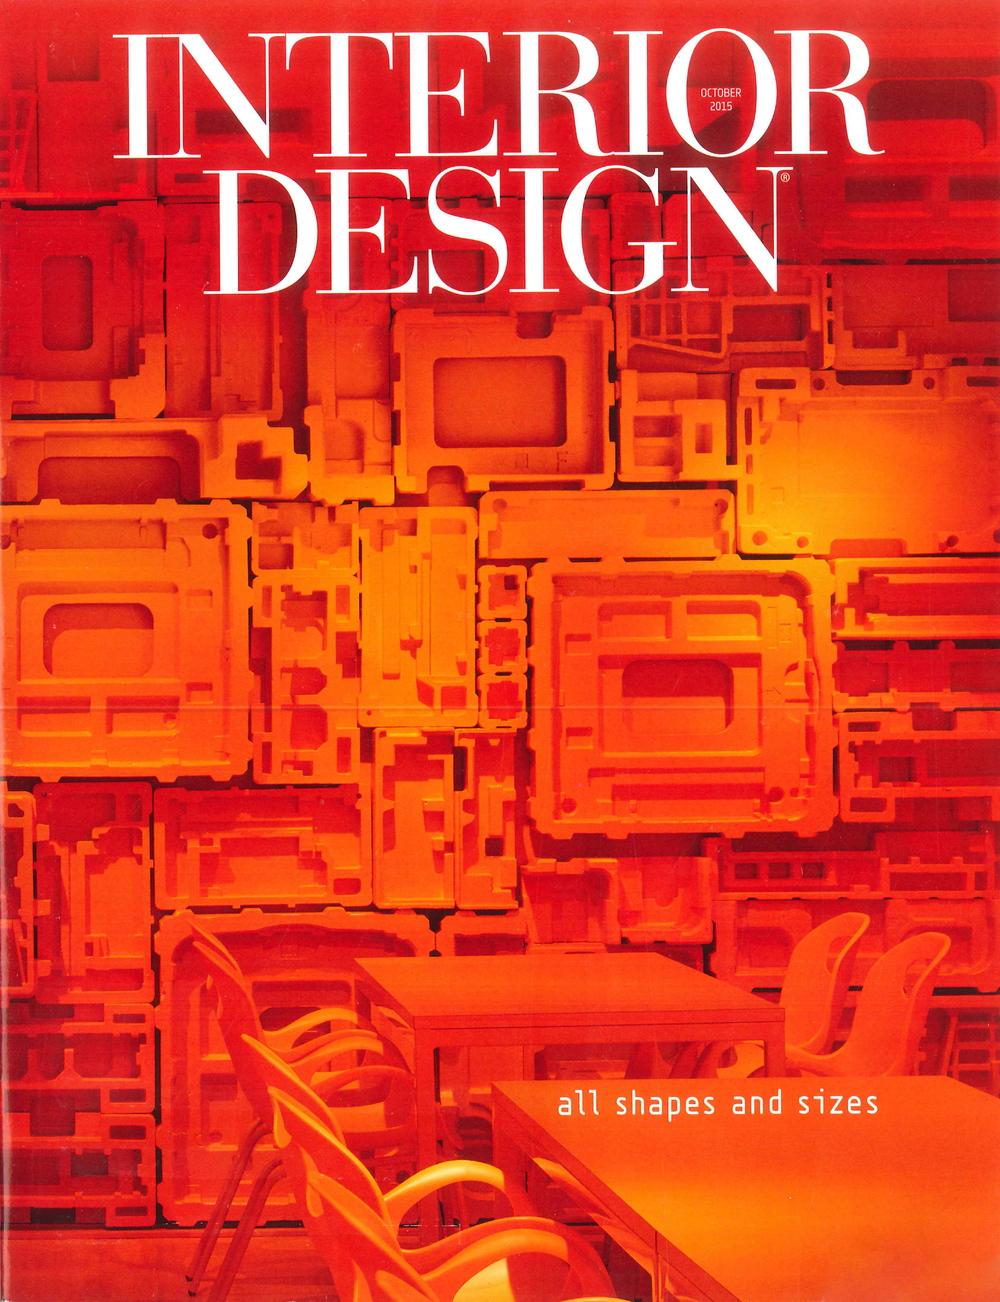 Interior Design_Oct 2015_cover.jpg